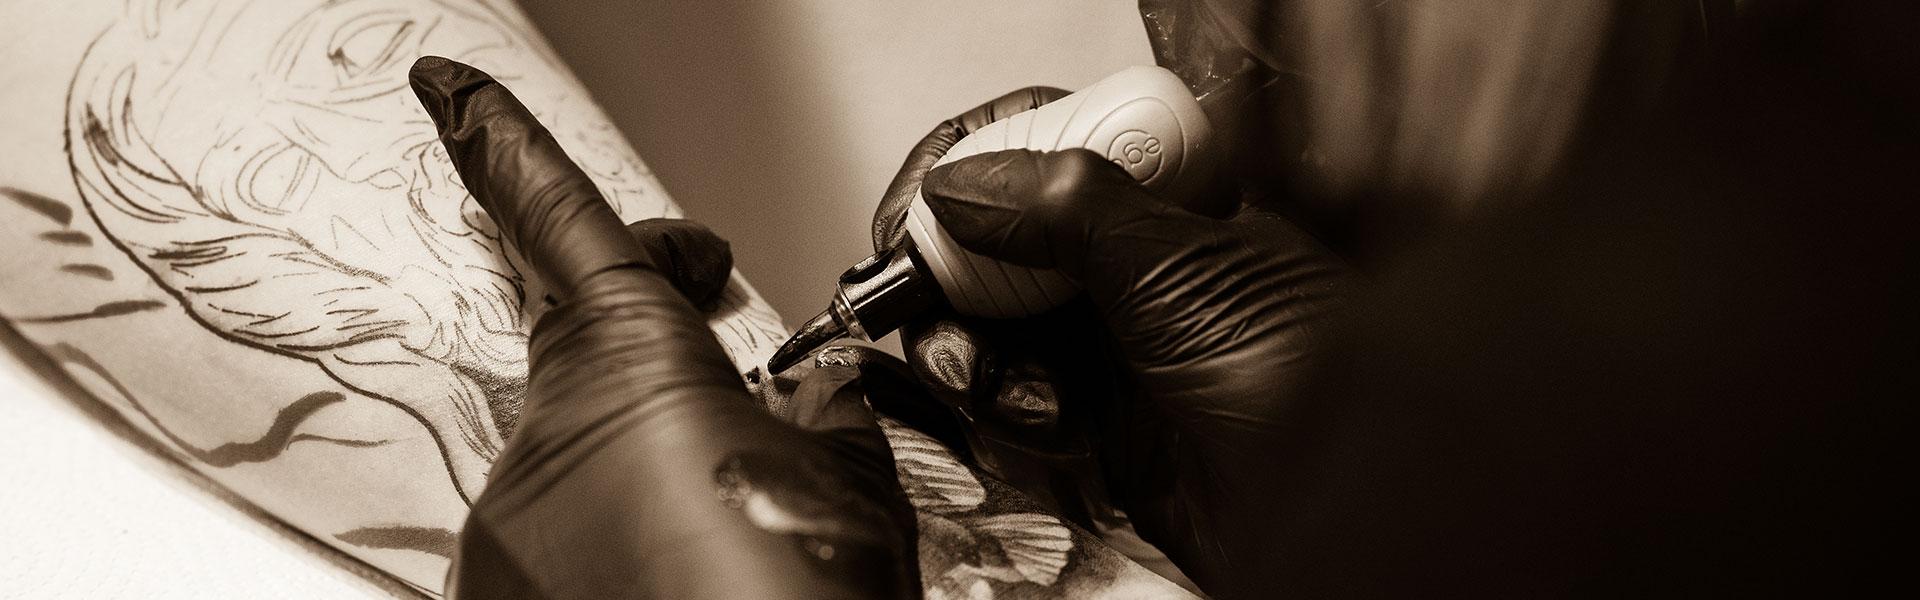 Venlig Hilsen – Din Tatovør